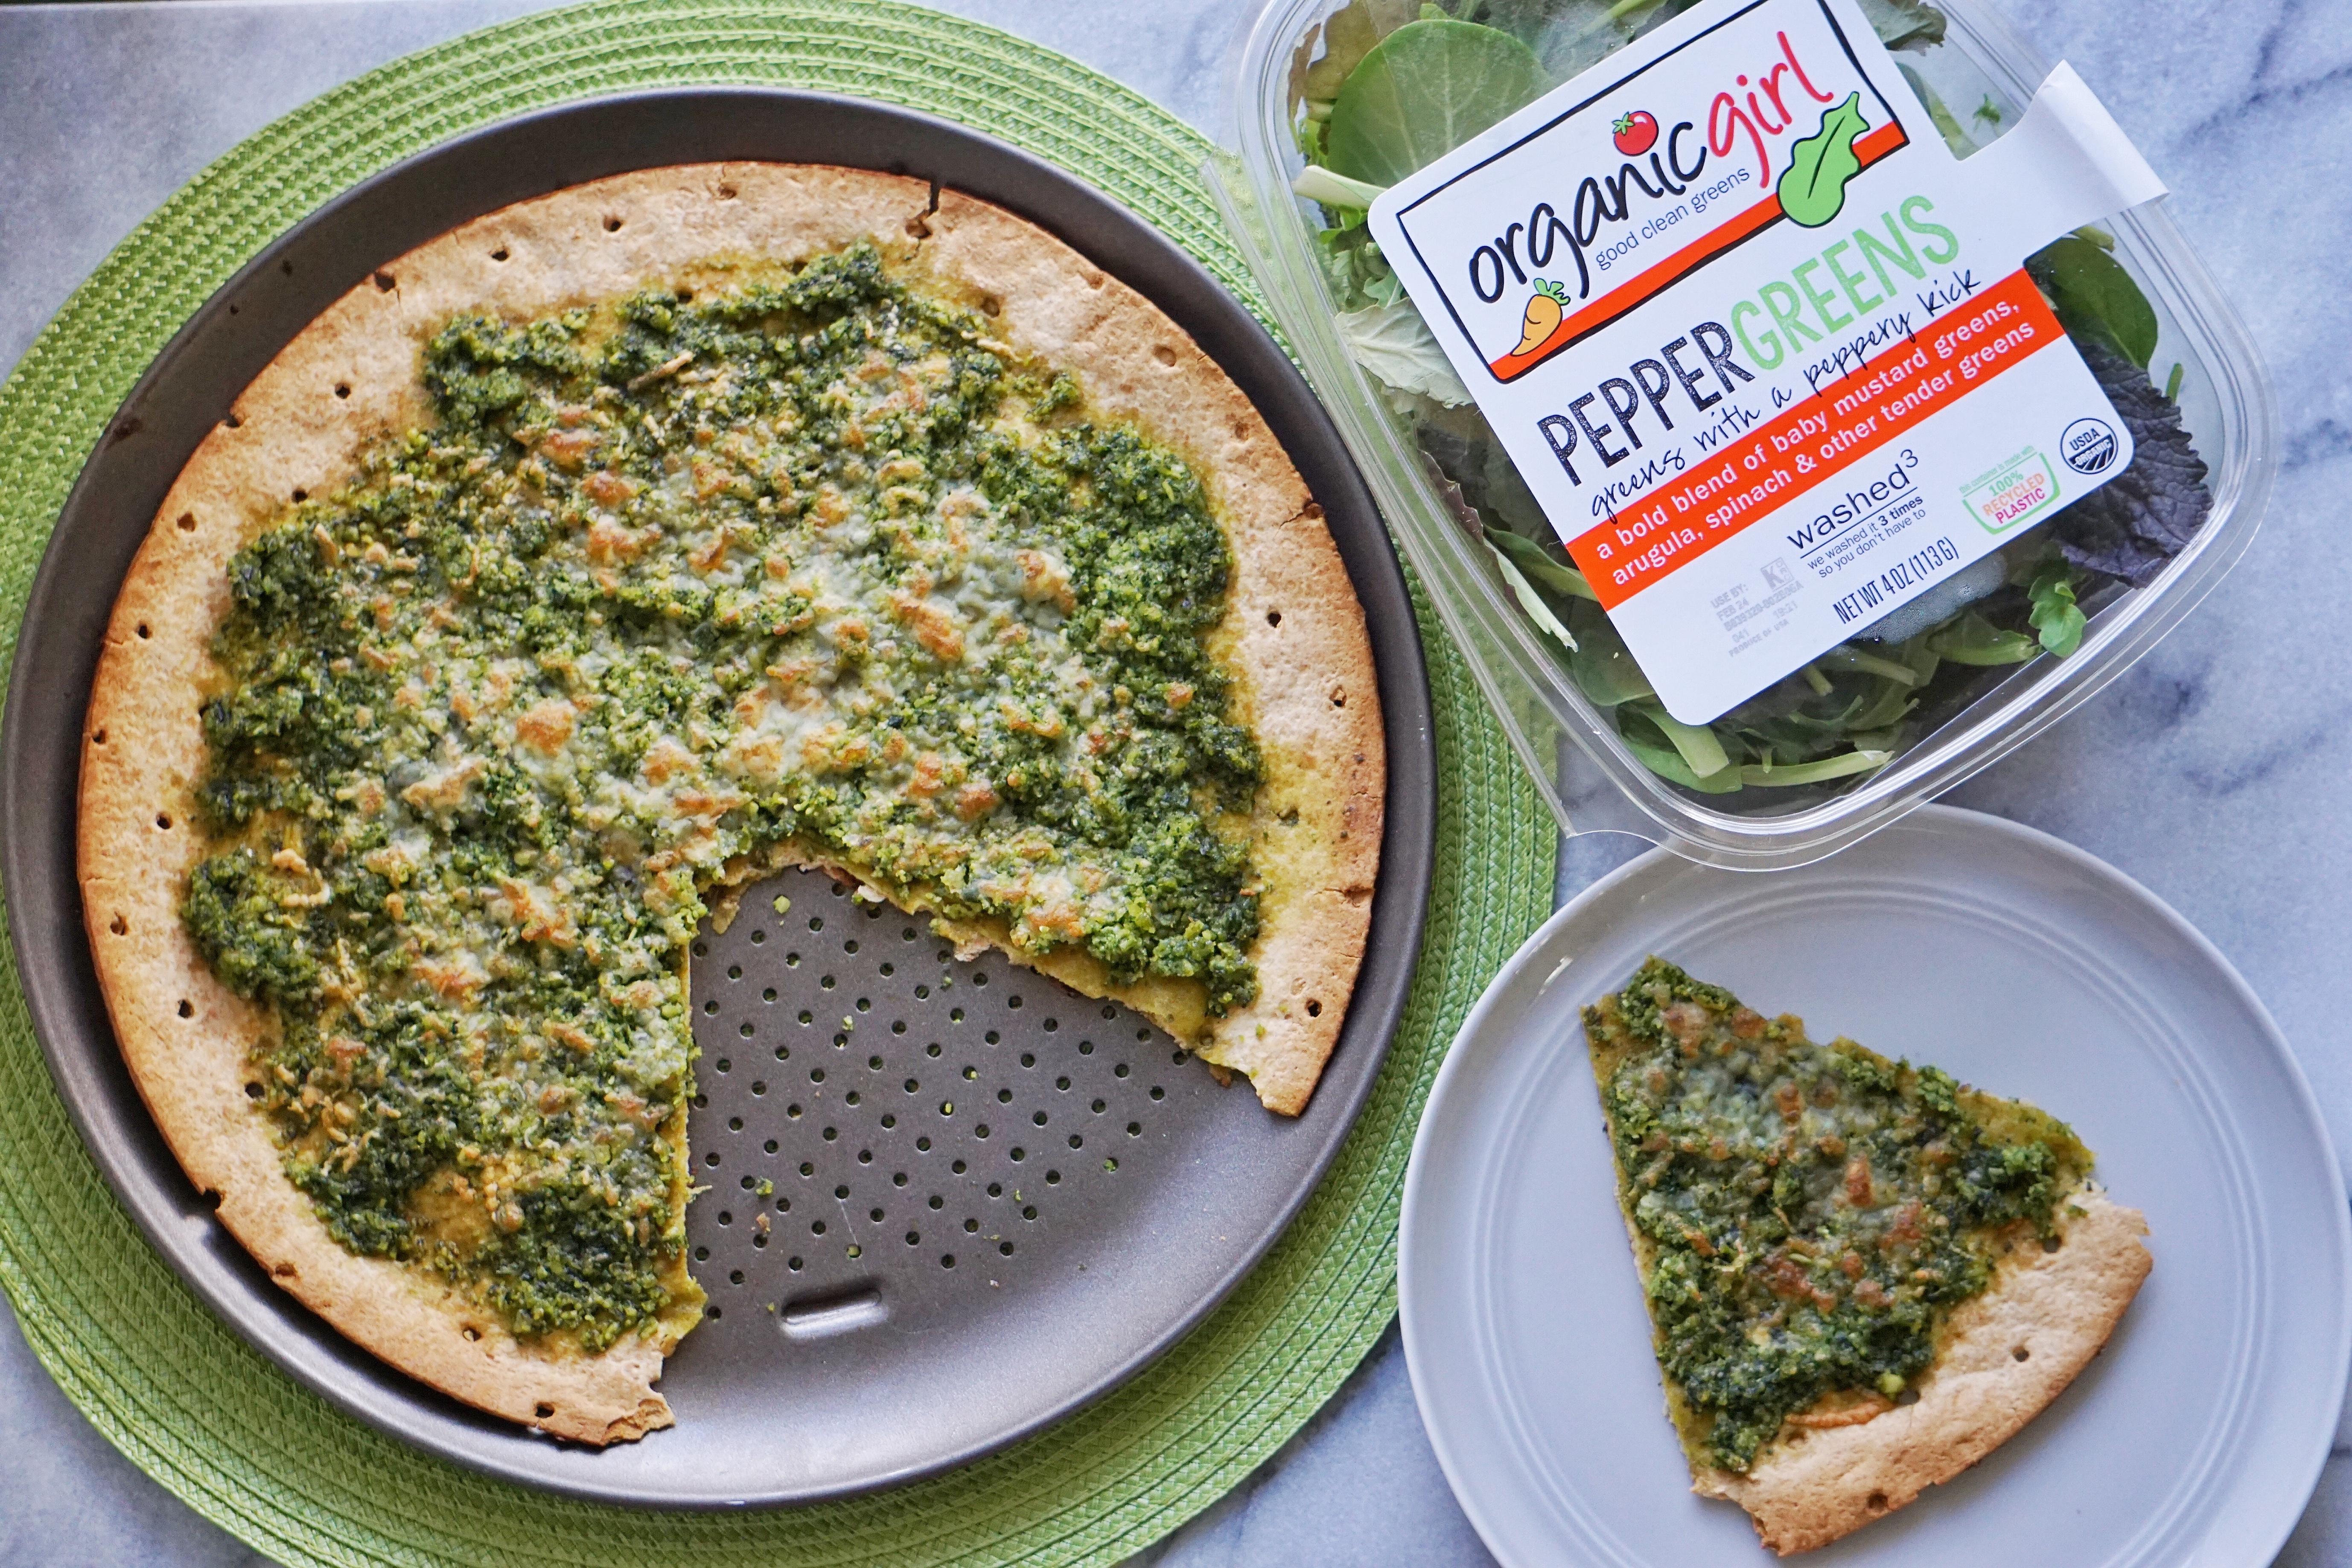 Pesto Pizza Leahs Plate2 - Green Pesto Pizza